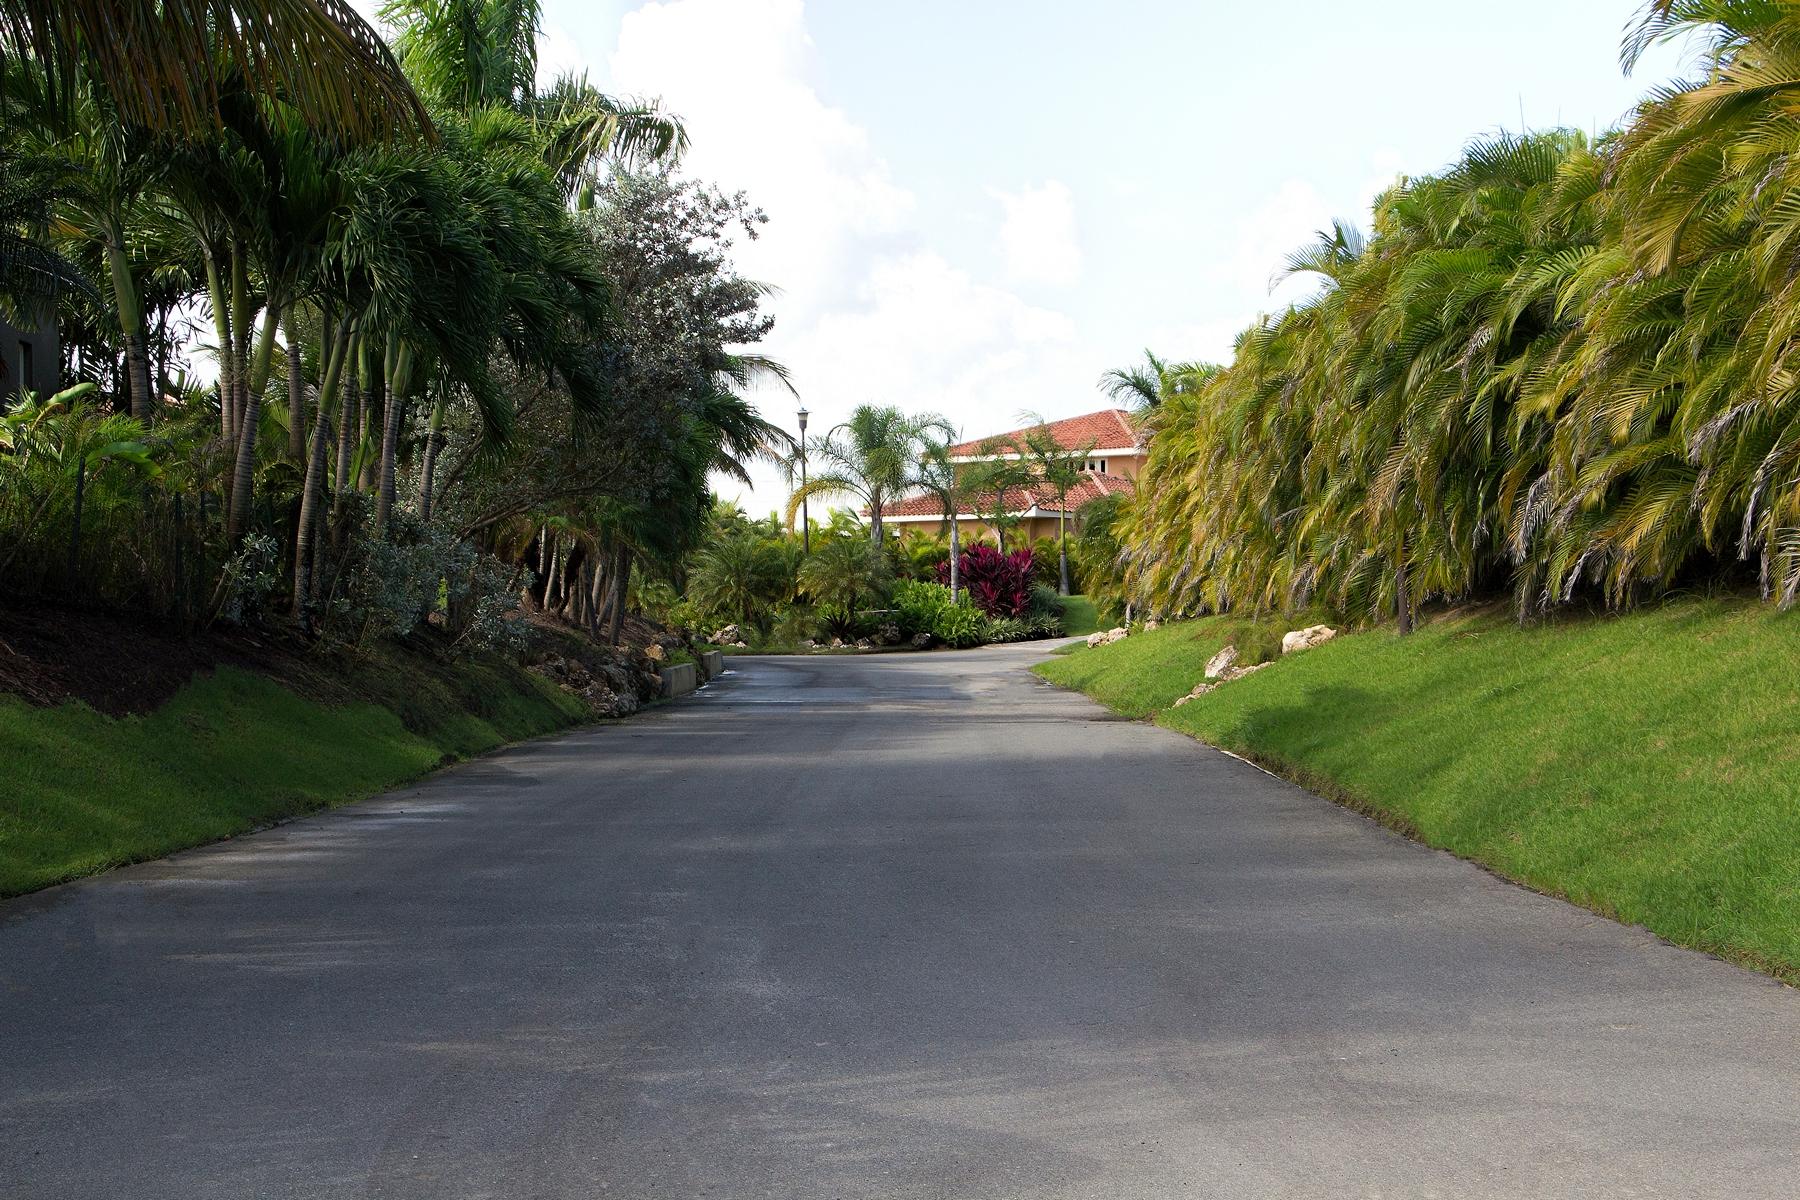 Additional photo for property listing at Dorado Beach East Unique Lot Opportunity 323 Dorado Beach East Dorado, Puerto Rico 00646 Puerto Rico